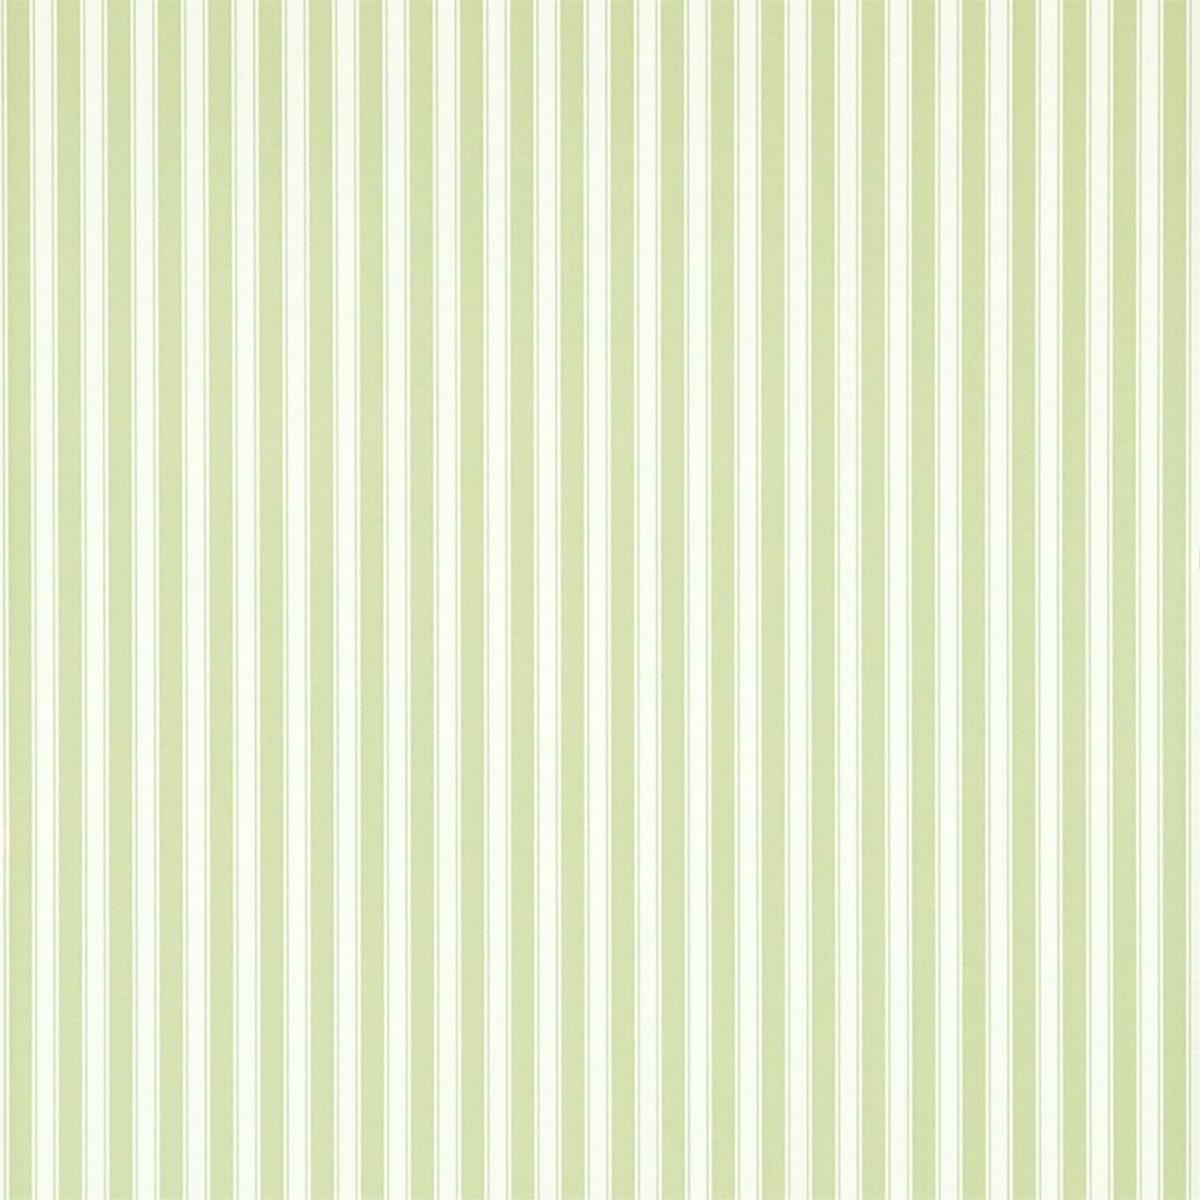 Sanderson Tapet New Tiger Stripe Leaf Green